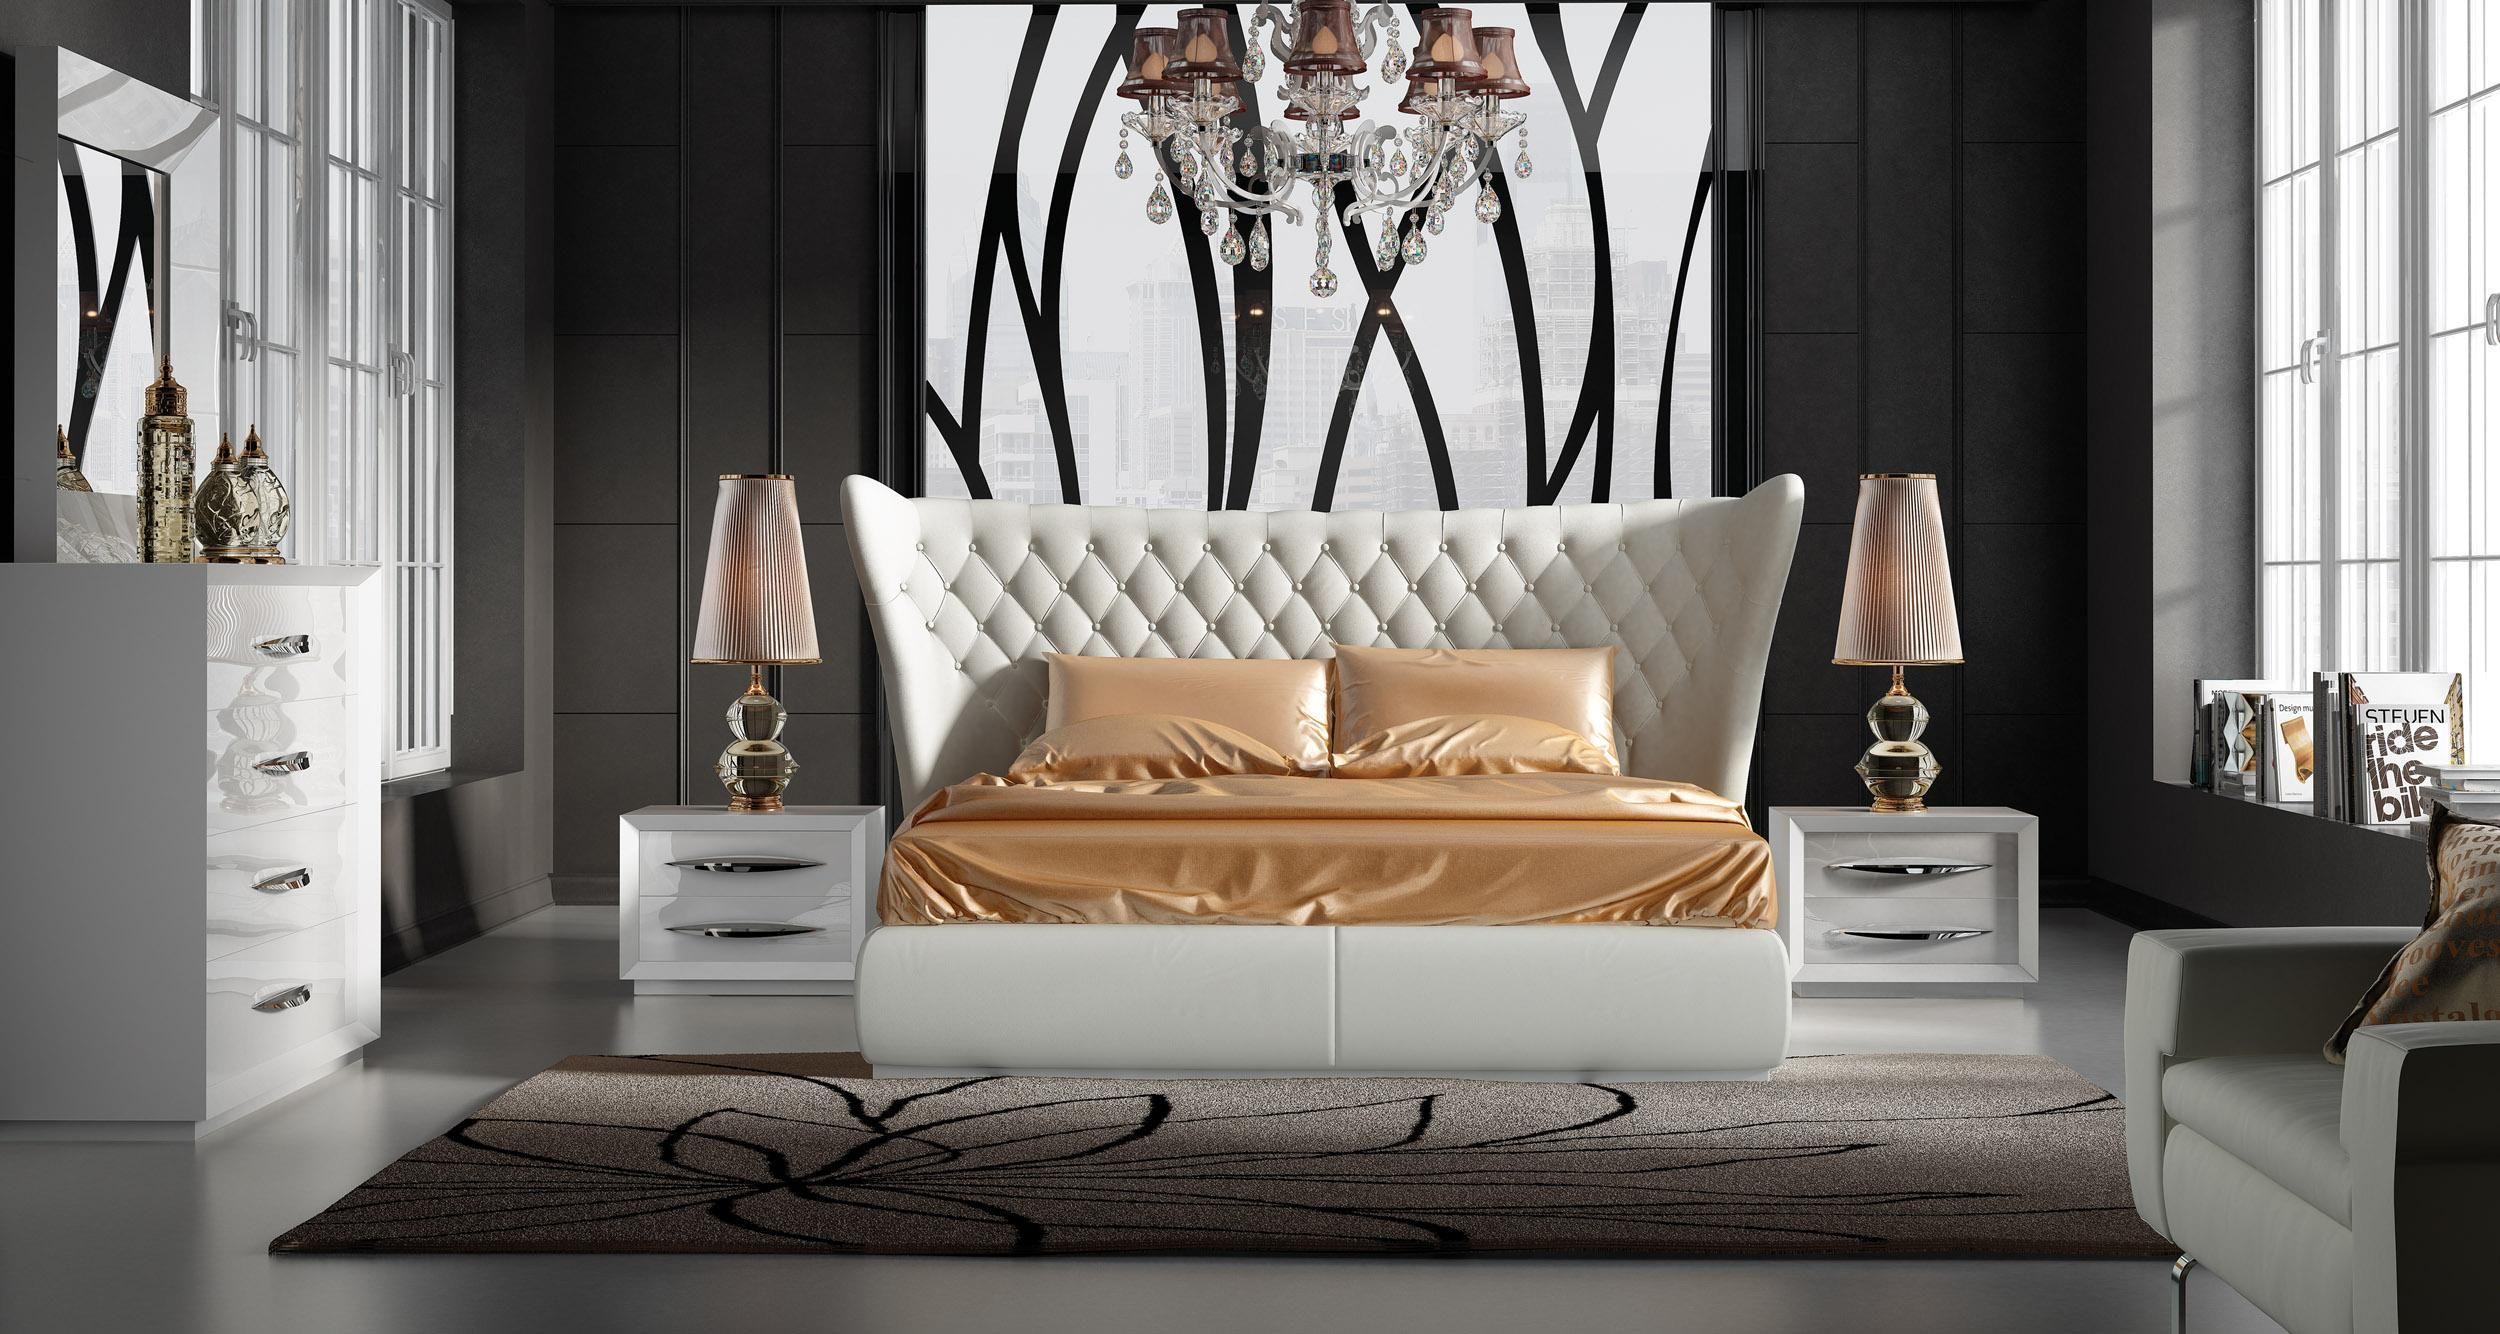 Stylish Leather Luxury Bedroom Furniture Sets Luxury Bedroom